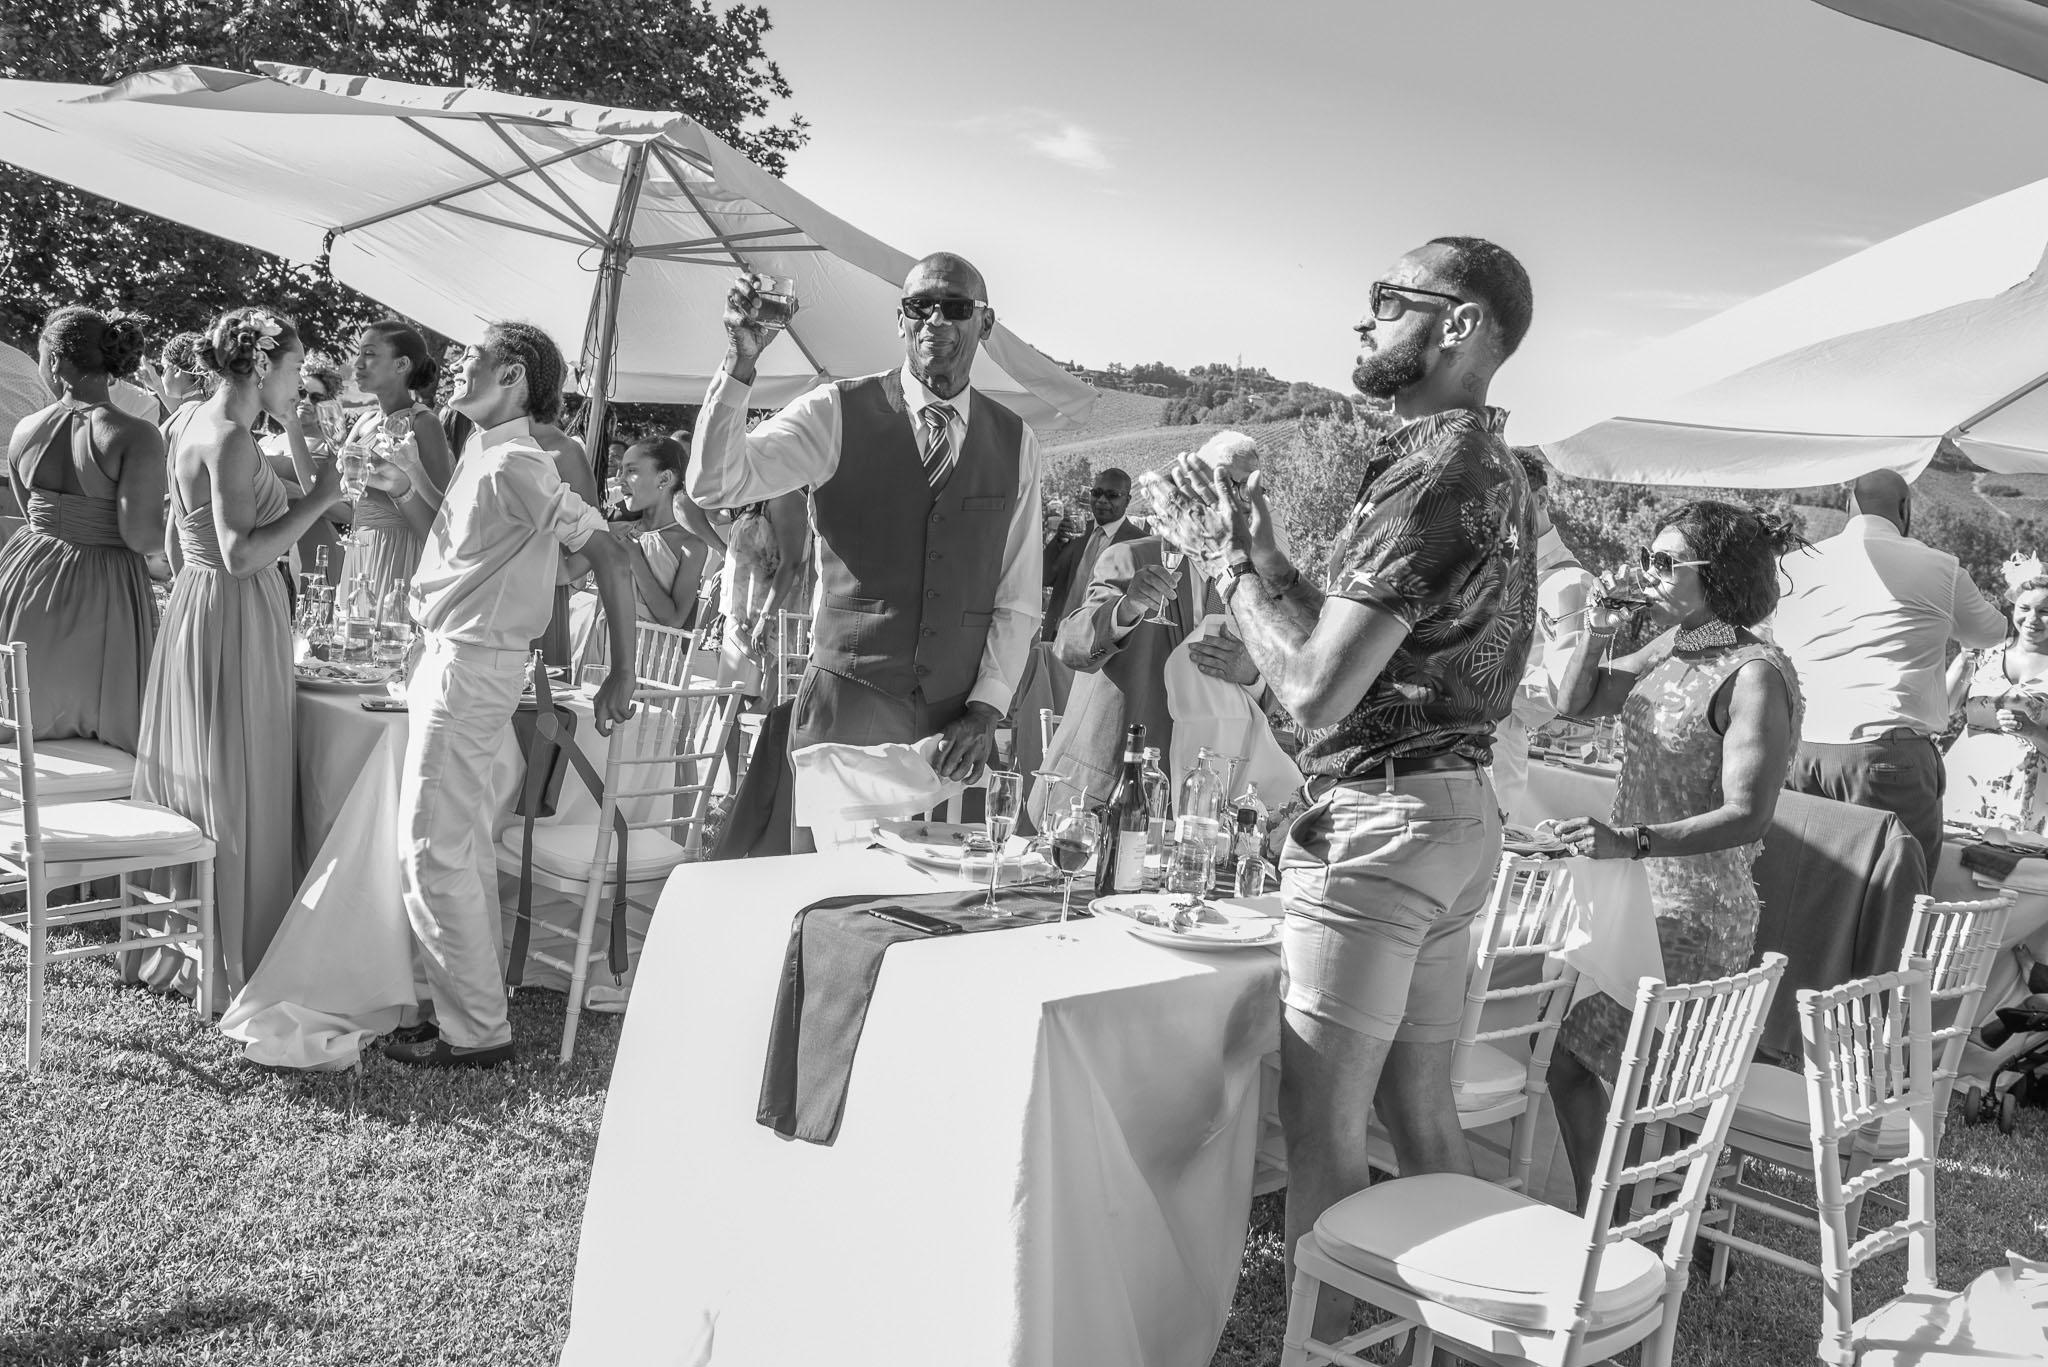 Matrimonio Nel Monferrato Dionne Dale - Wdding Matrimono Emanuele Tibaldi Fotografo 32 - Fotografo-Matrimonio-nel-monferrato - Fotografo-Matrimonio-nel-monferrato